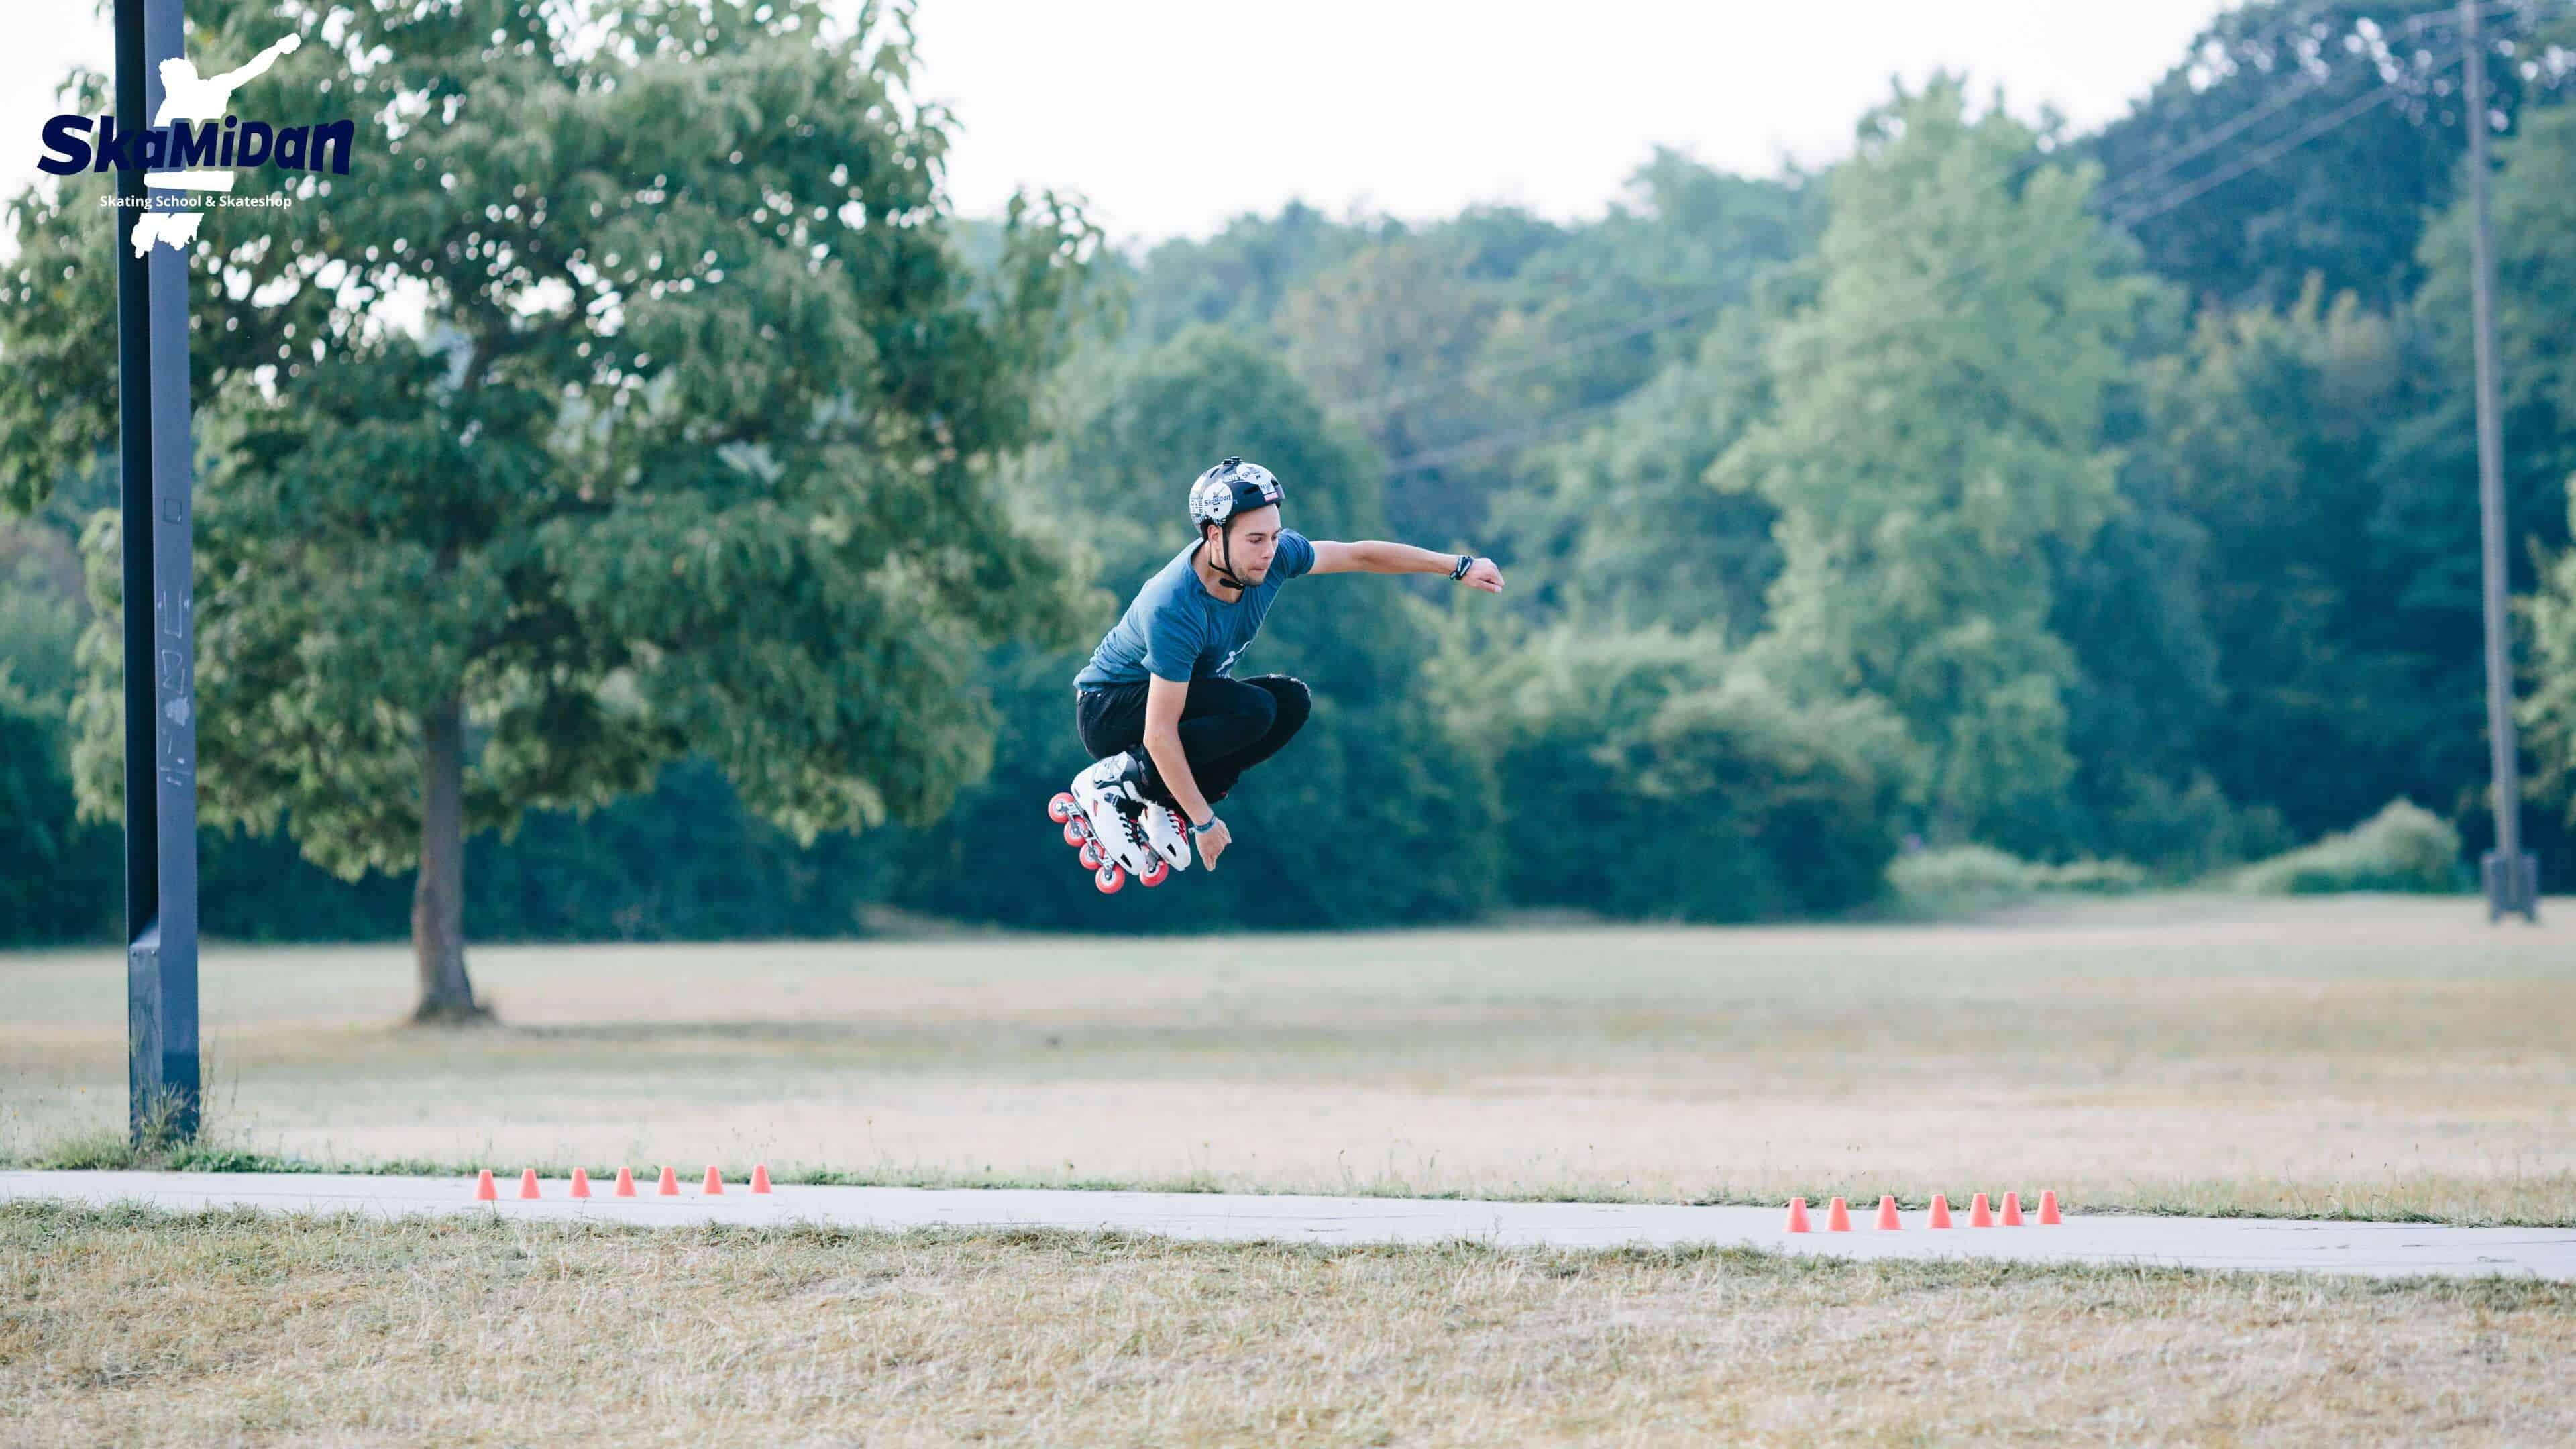 SkaMiDan's Trickliste des Inline Skating weiter Sprung hoher Air